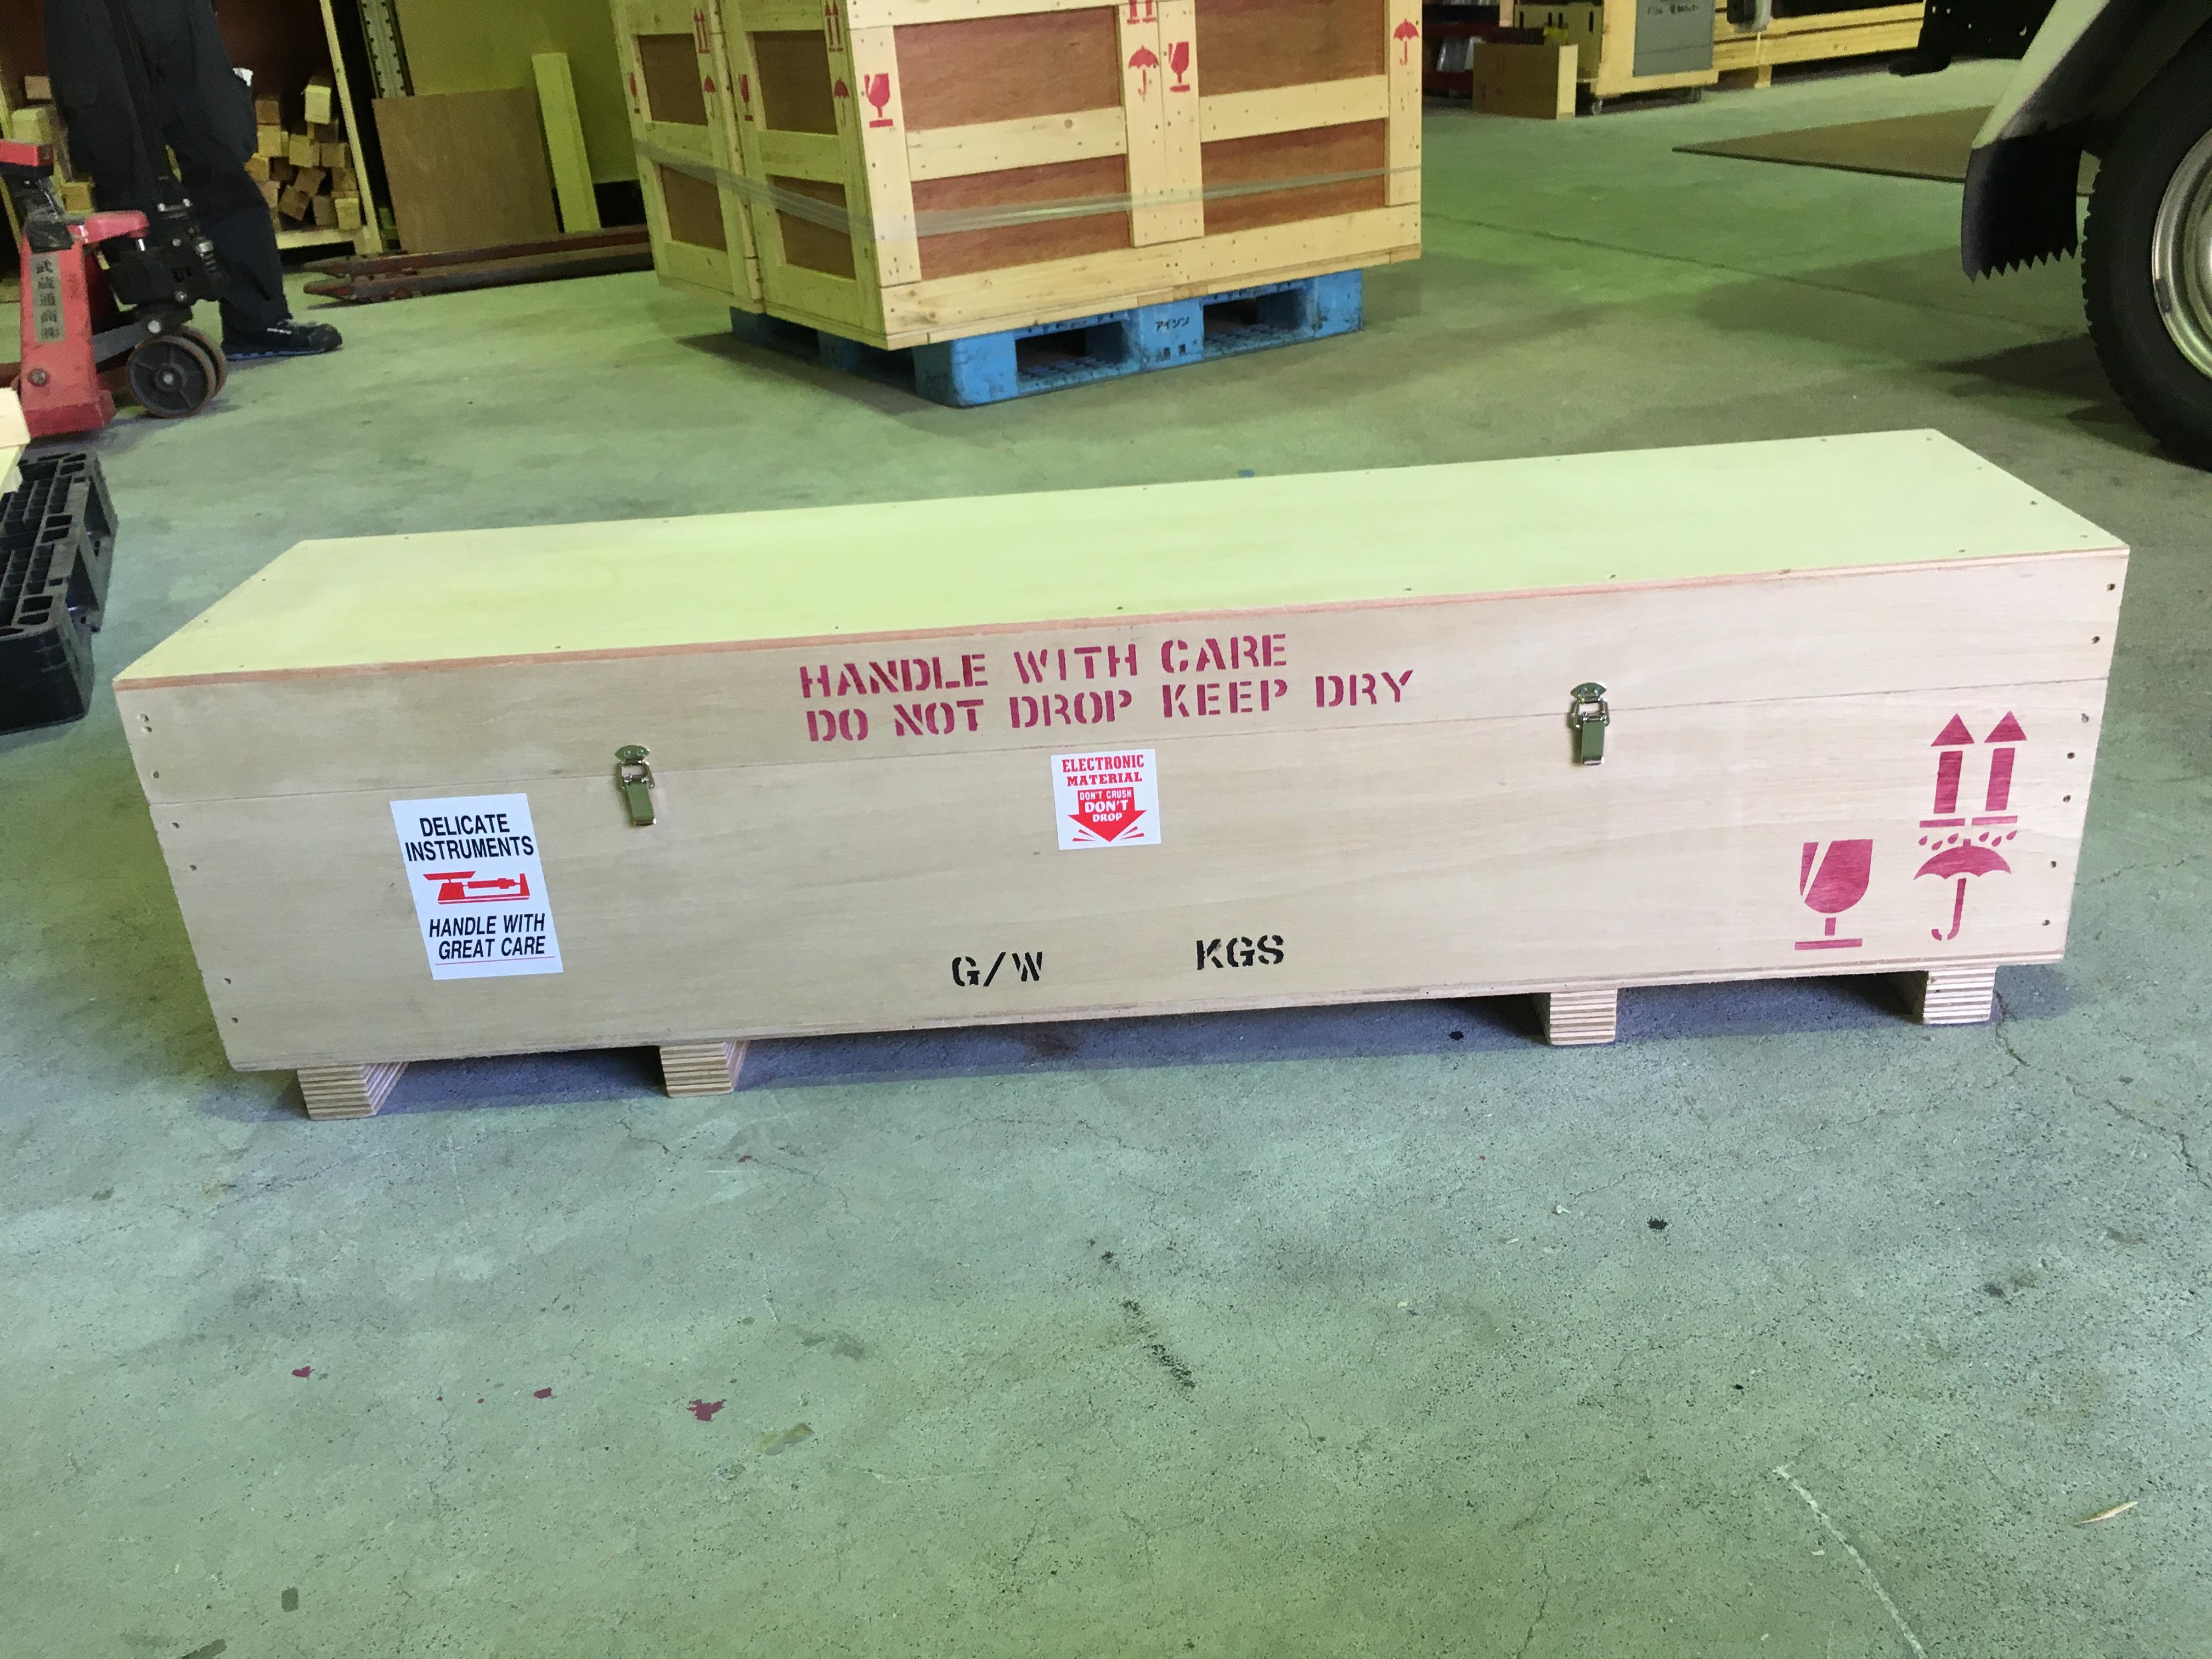 【装置通い箱の包装設計について】美術品・楽器・高級家具物流(梱包・輸送・保管)comブログ